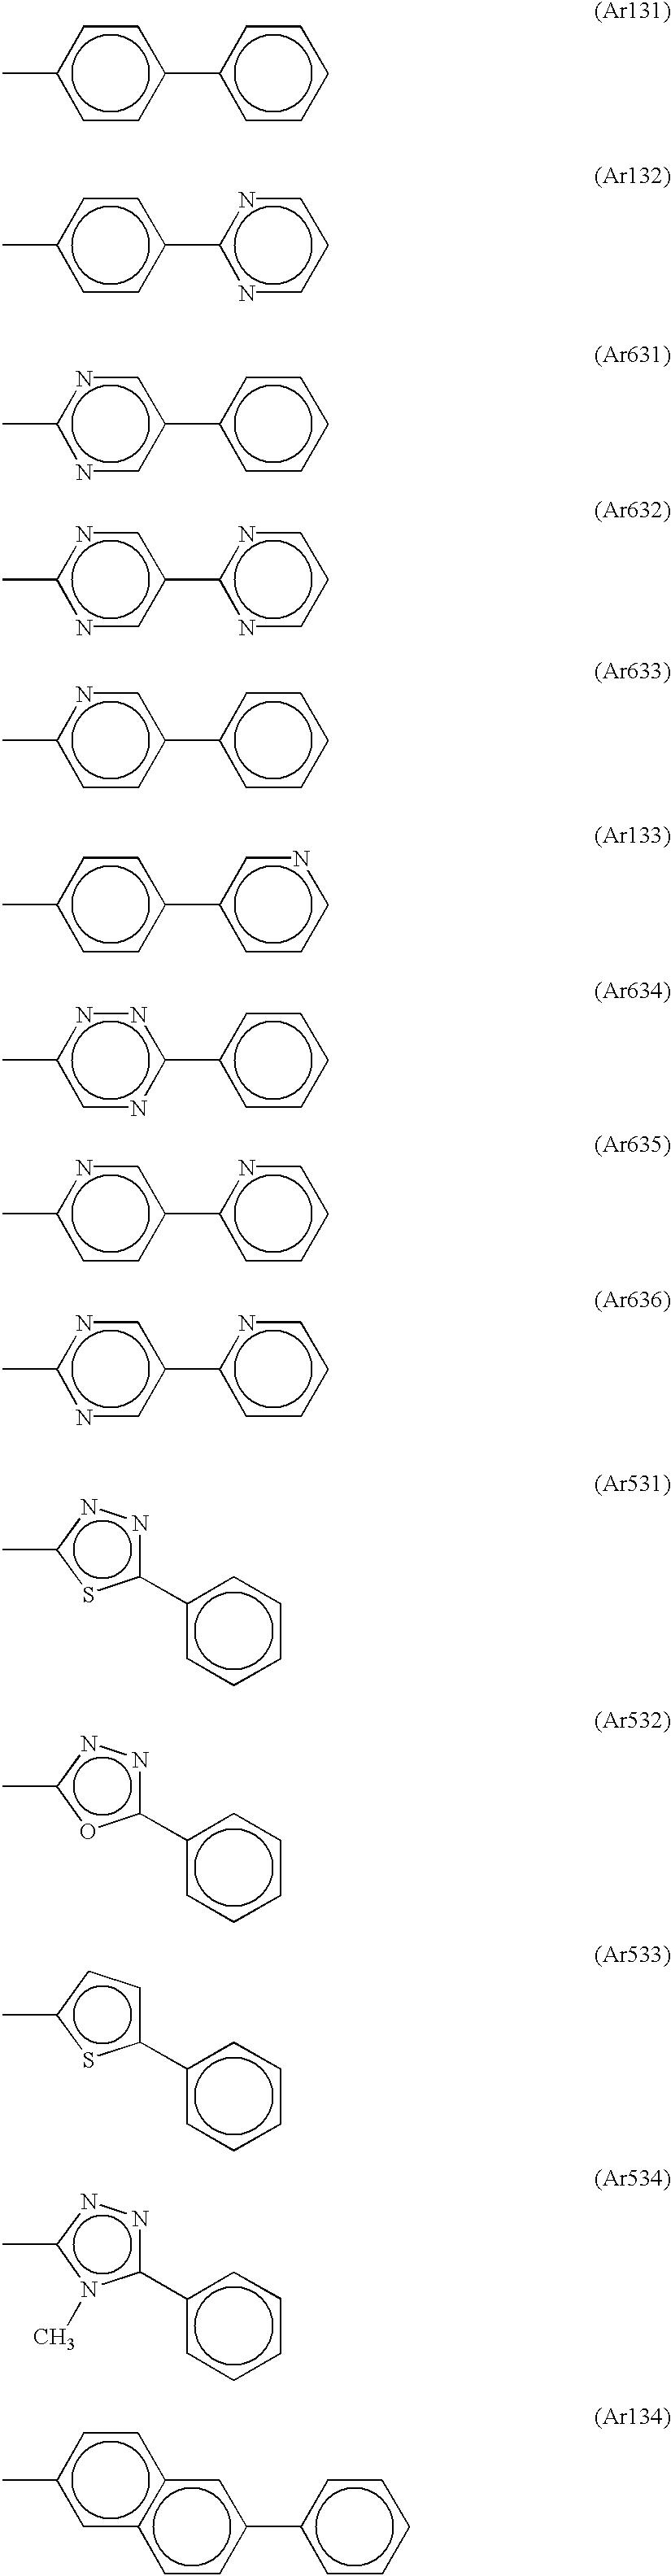 Figure US20030011725A1-20030116-C00003